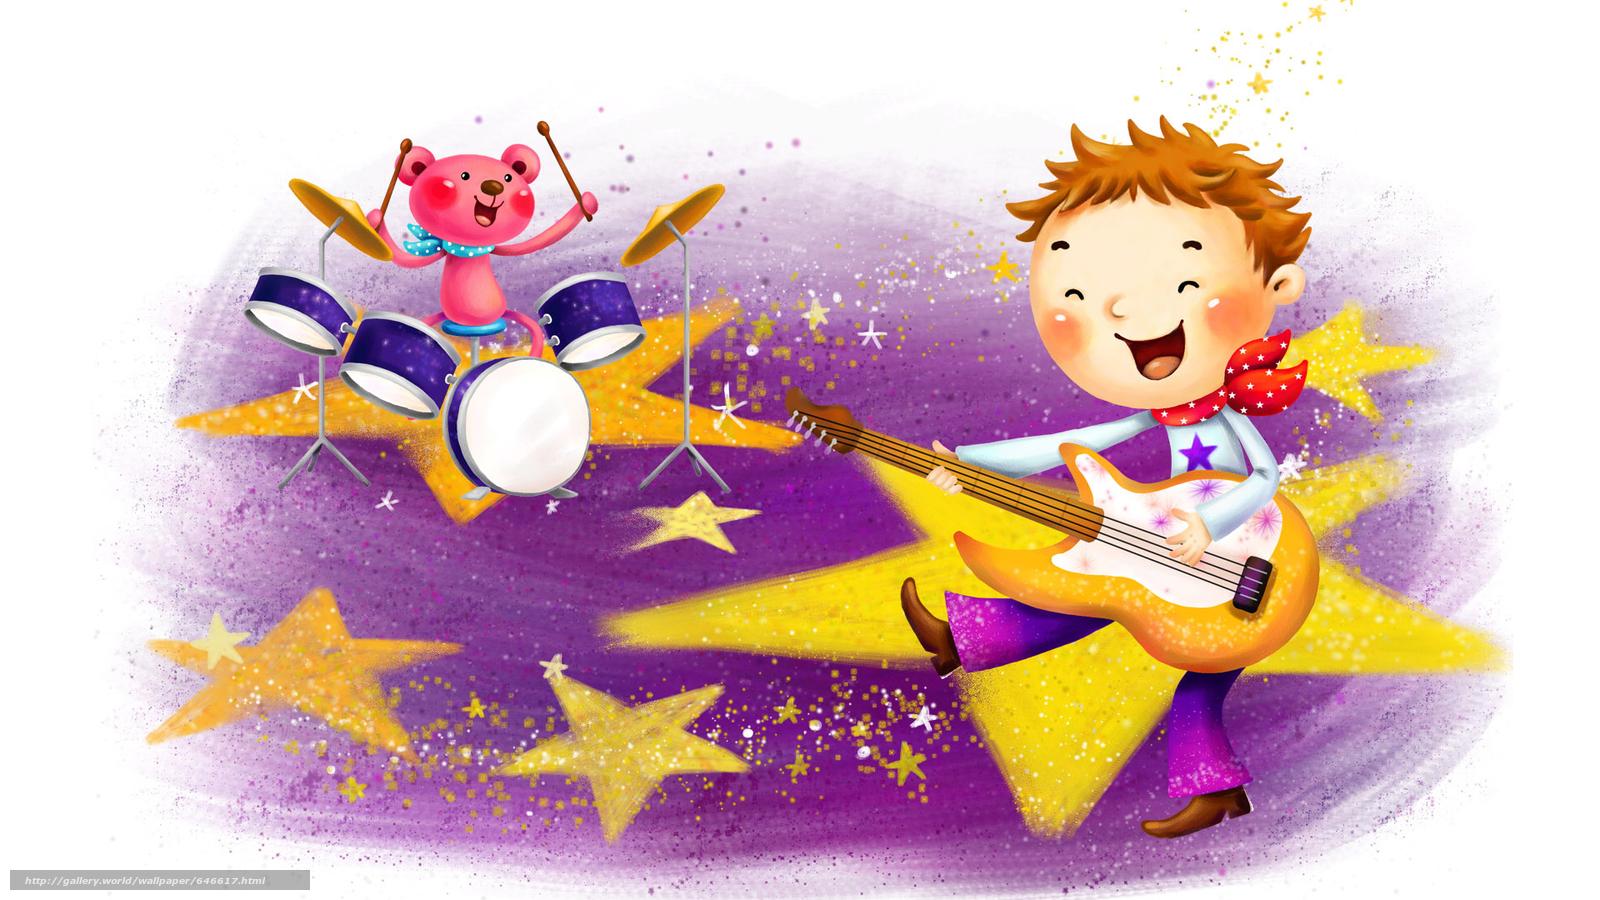 Descargar gratis niños,  dibujo,  gráficos,  dibujo infantil Fondos de escritorio en la resolucin 1920x1080 — imagen №646617